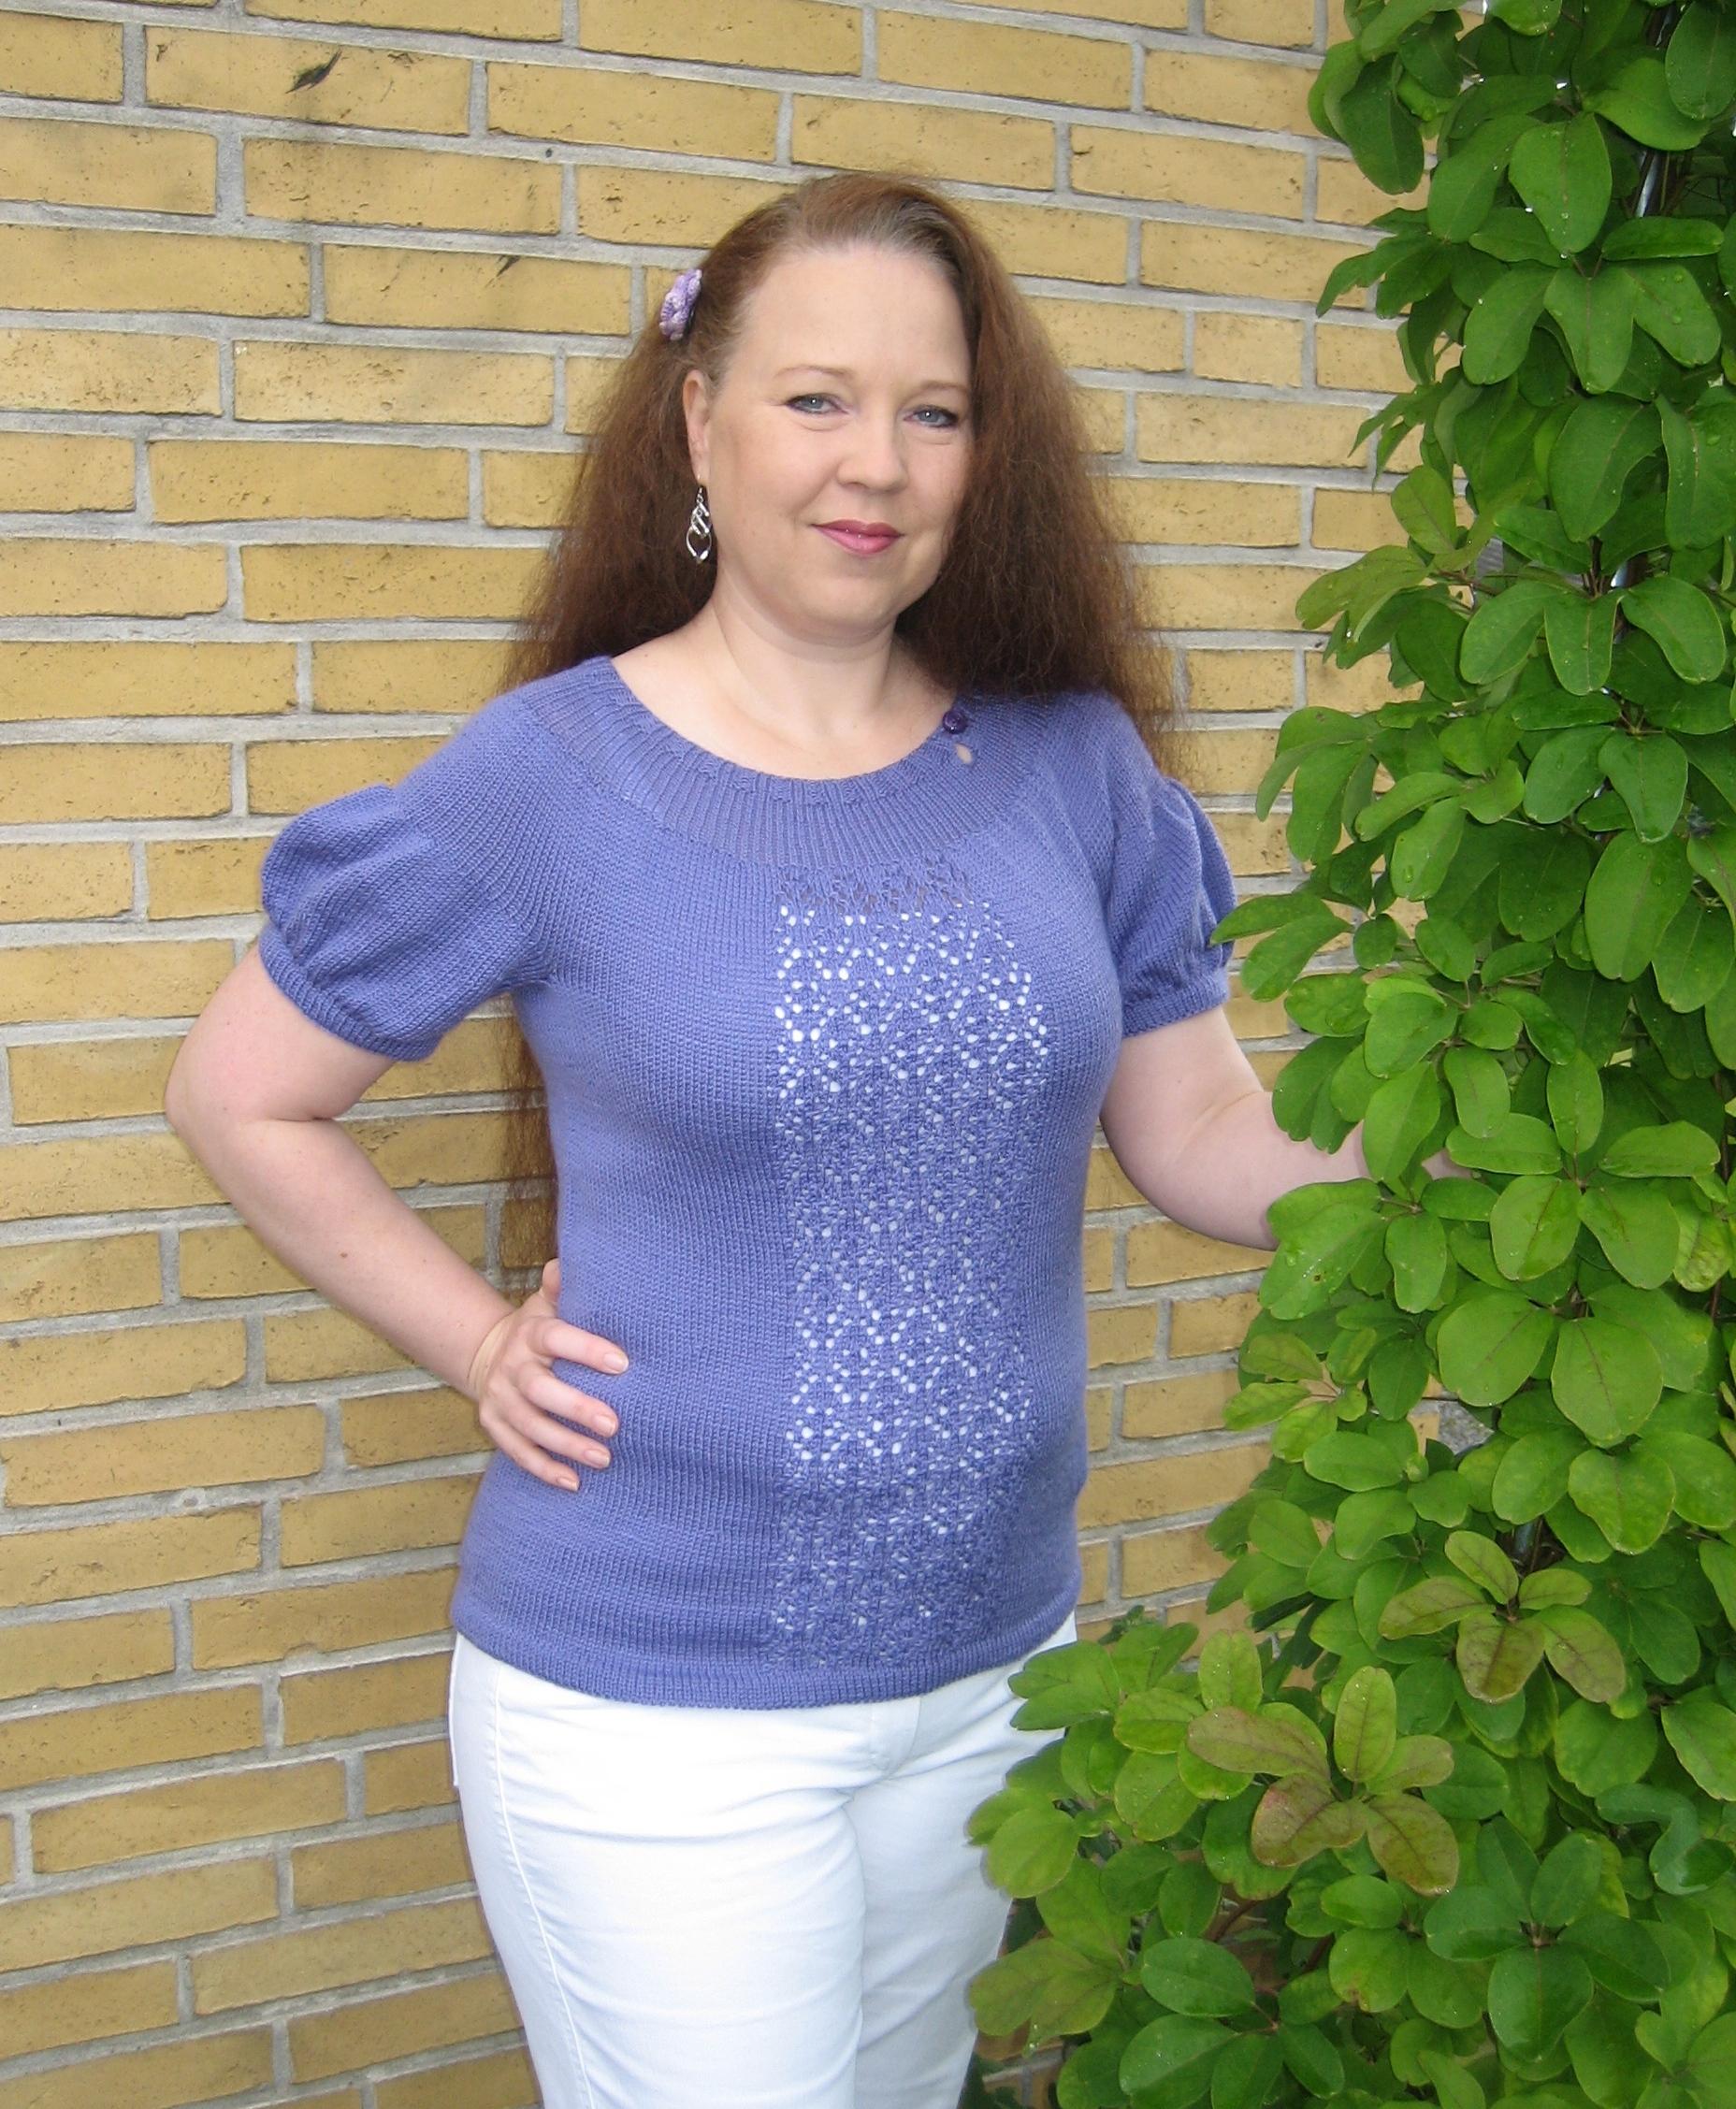 garnyarn-bykaae-kornblomst-voksen-bluse-pufaermer-hulmoenster-blondemoenster-heritage